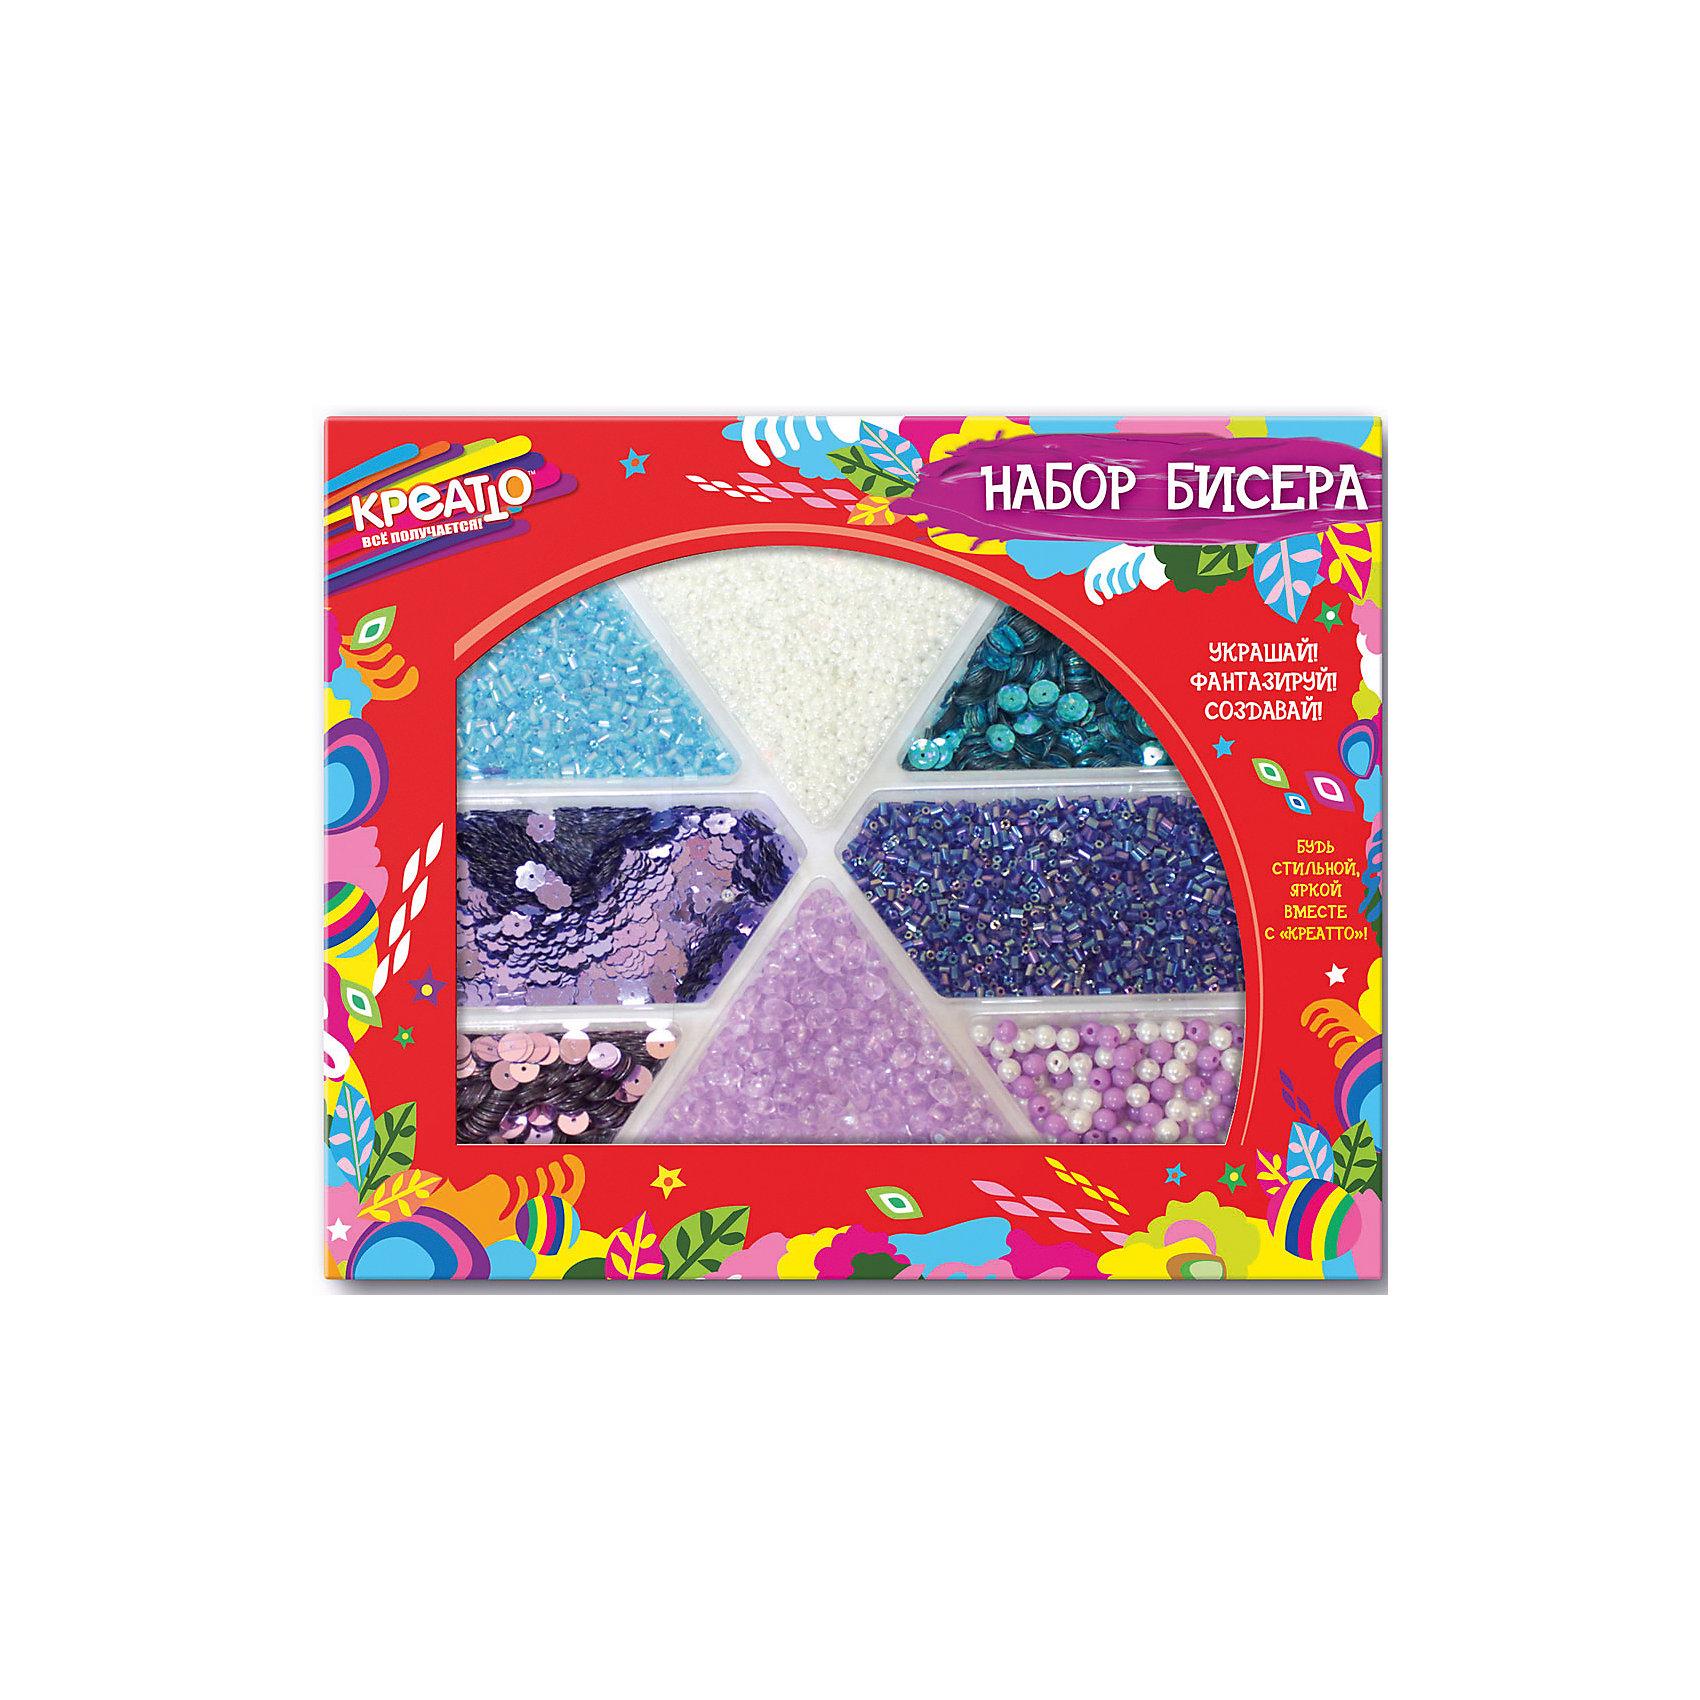 Набор бисера Лавандовое поле, CreattoНаборы для создания украшений<br>Характеристики:<br>• в комплекте: бисер, пайетки, бусины;<br>• материал: пластик;<br>• возраст: от 6 лет;<br>• размер упаковки: 23,5х19,5х2 см.<br><br>Набор «Лавандовое поле» состоит из бисера, пайеток и бусин ярких цветов. Из них девочка сможет создать красивые браслеты, кулончики и многое другое. Кроме того, бусинами и пайетками можно украсить свою одежду, чтобы всегда выглядеть великолепно.<br><br>Все детали находятся в отдельных коробочках, что предотвращает смешивание разных элементов.<br><br>Бисероплетение способствует развитию мелкой моторики, фантазии и творческого мышления.<br><br>Набор бисера Лавандовое поле, Creatto (Креатто) можно купить в нашем интернет-магазине.<br><br>Ширина мм: 235<br>Глубина мм: 145<br>Высота мм: 20<br>Вес г: 220<br>Возраст от месяцев: 36<br>Возраст до месяцев: 2147483647<br>Пол: Унисекс<br>Возраст: Детский<br>SKU: 5453459